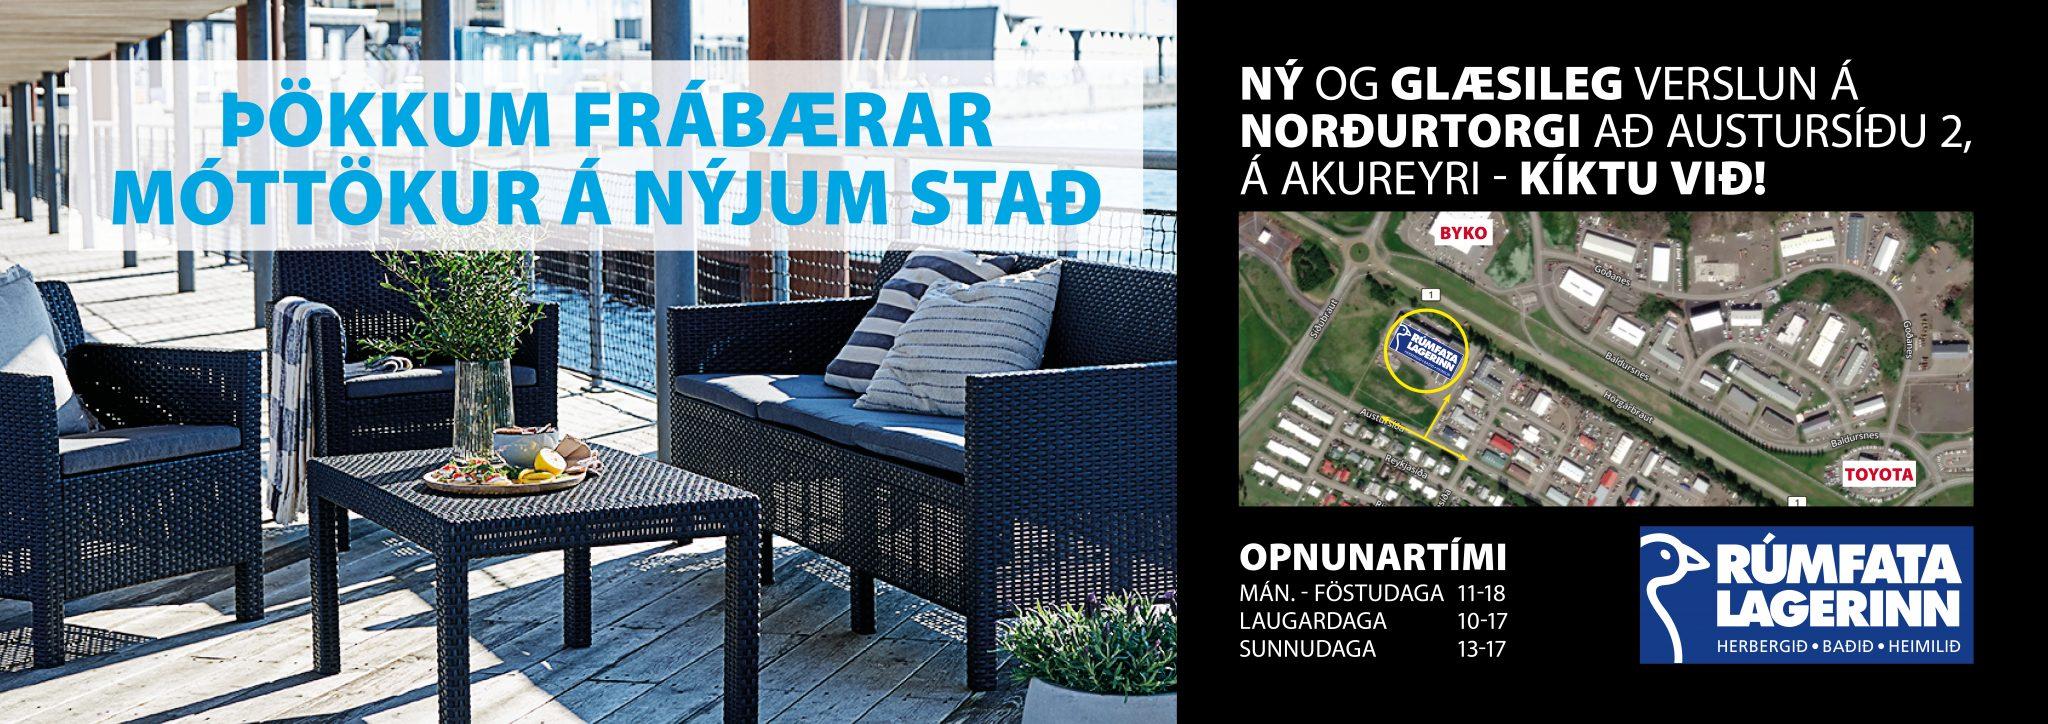 Rúmfatalagerinn Akureyri